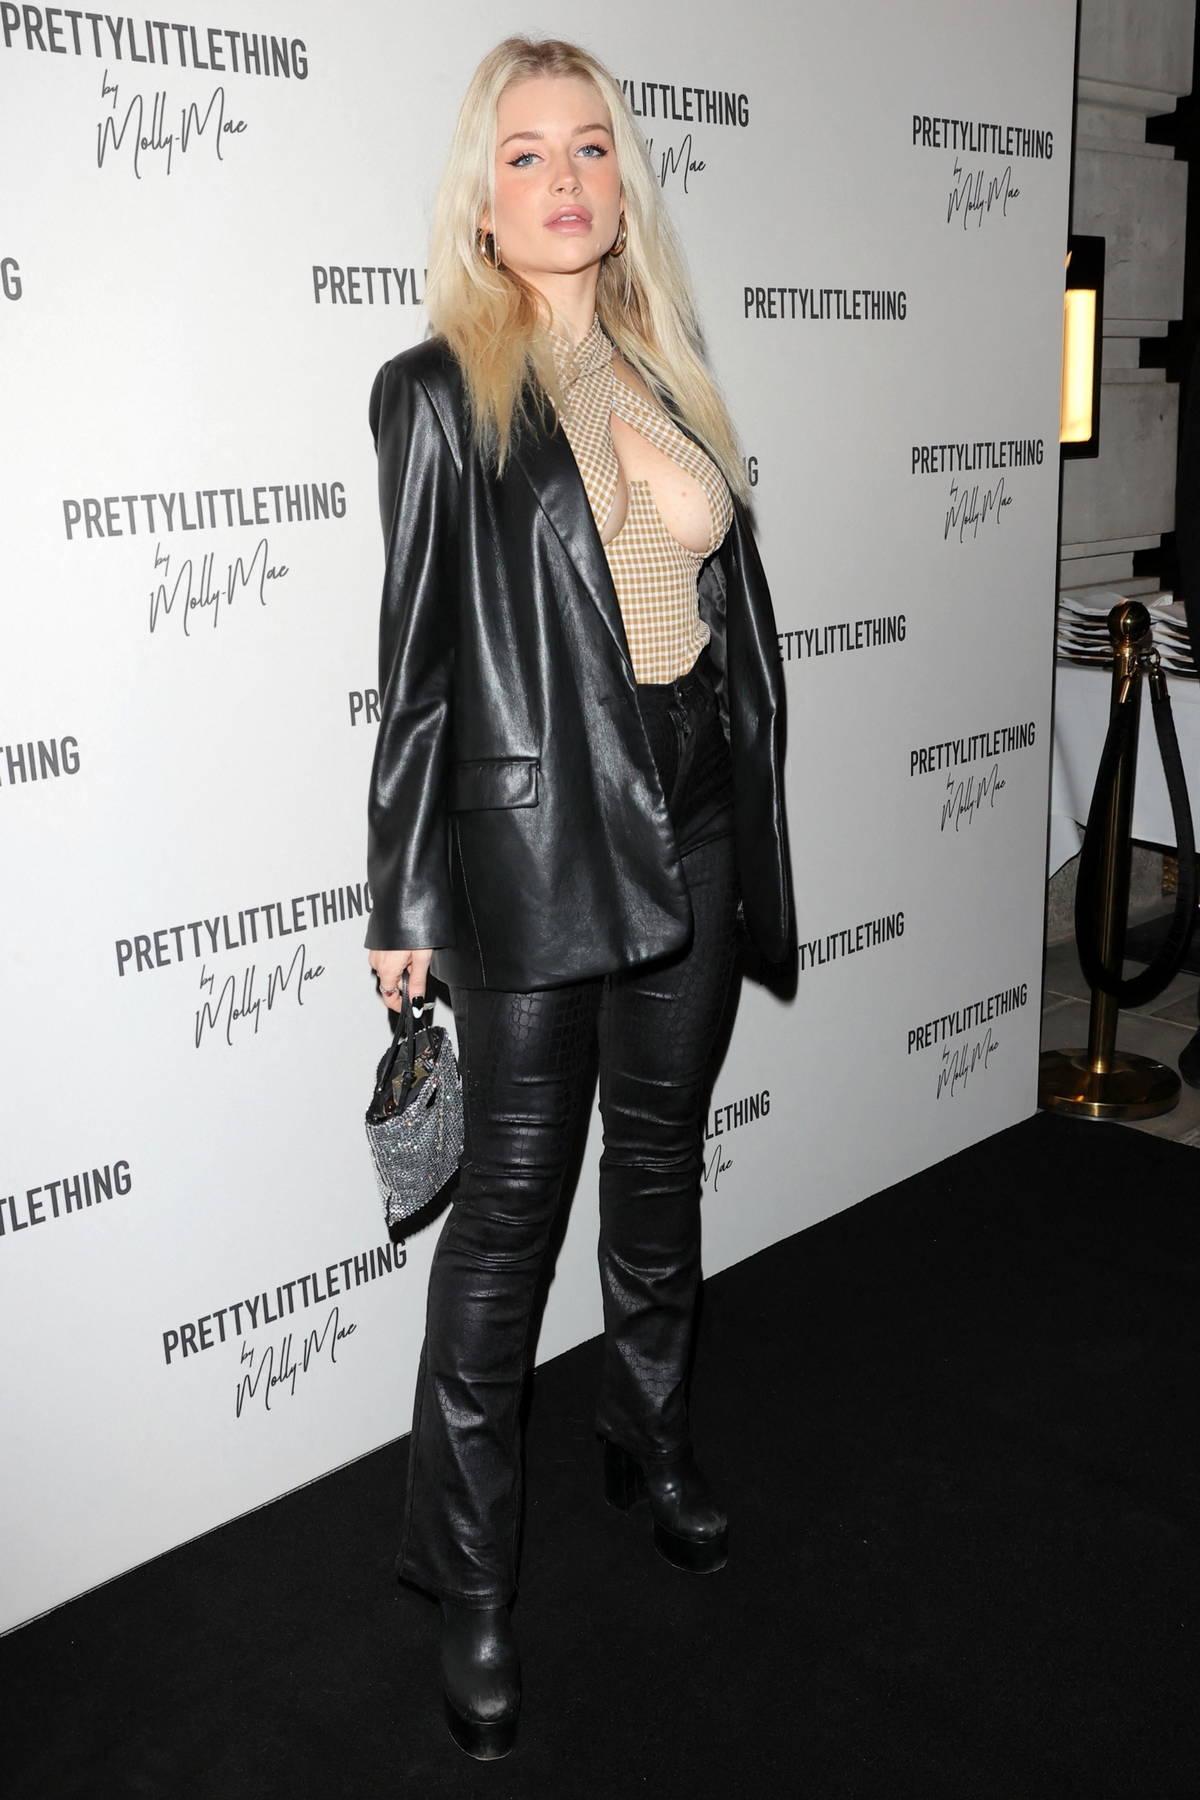 Lottie Moss attends Molly Mae launch party in London, UK